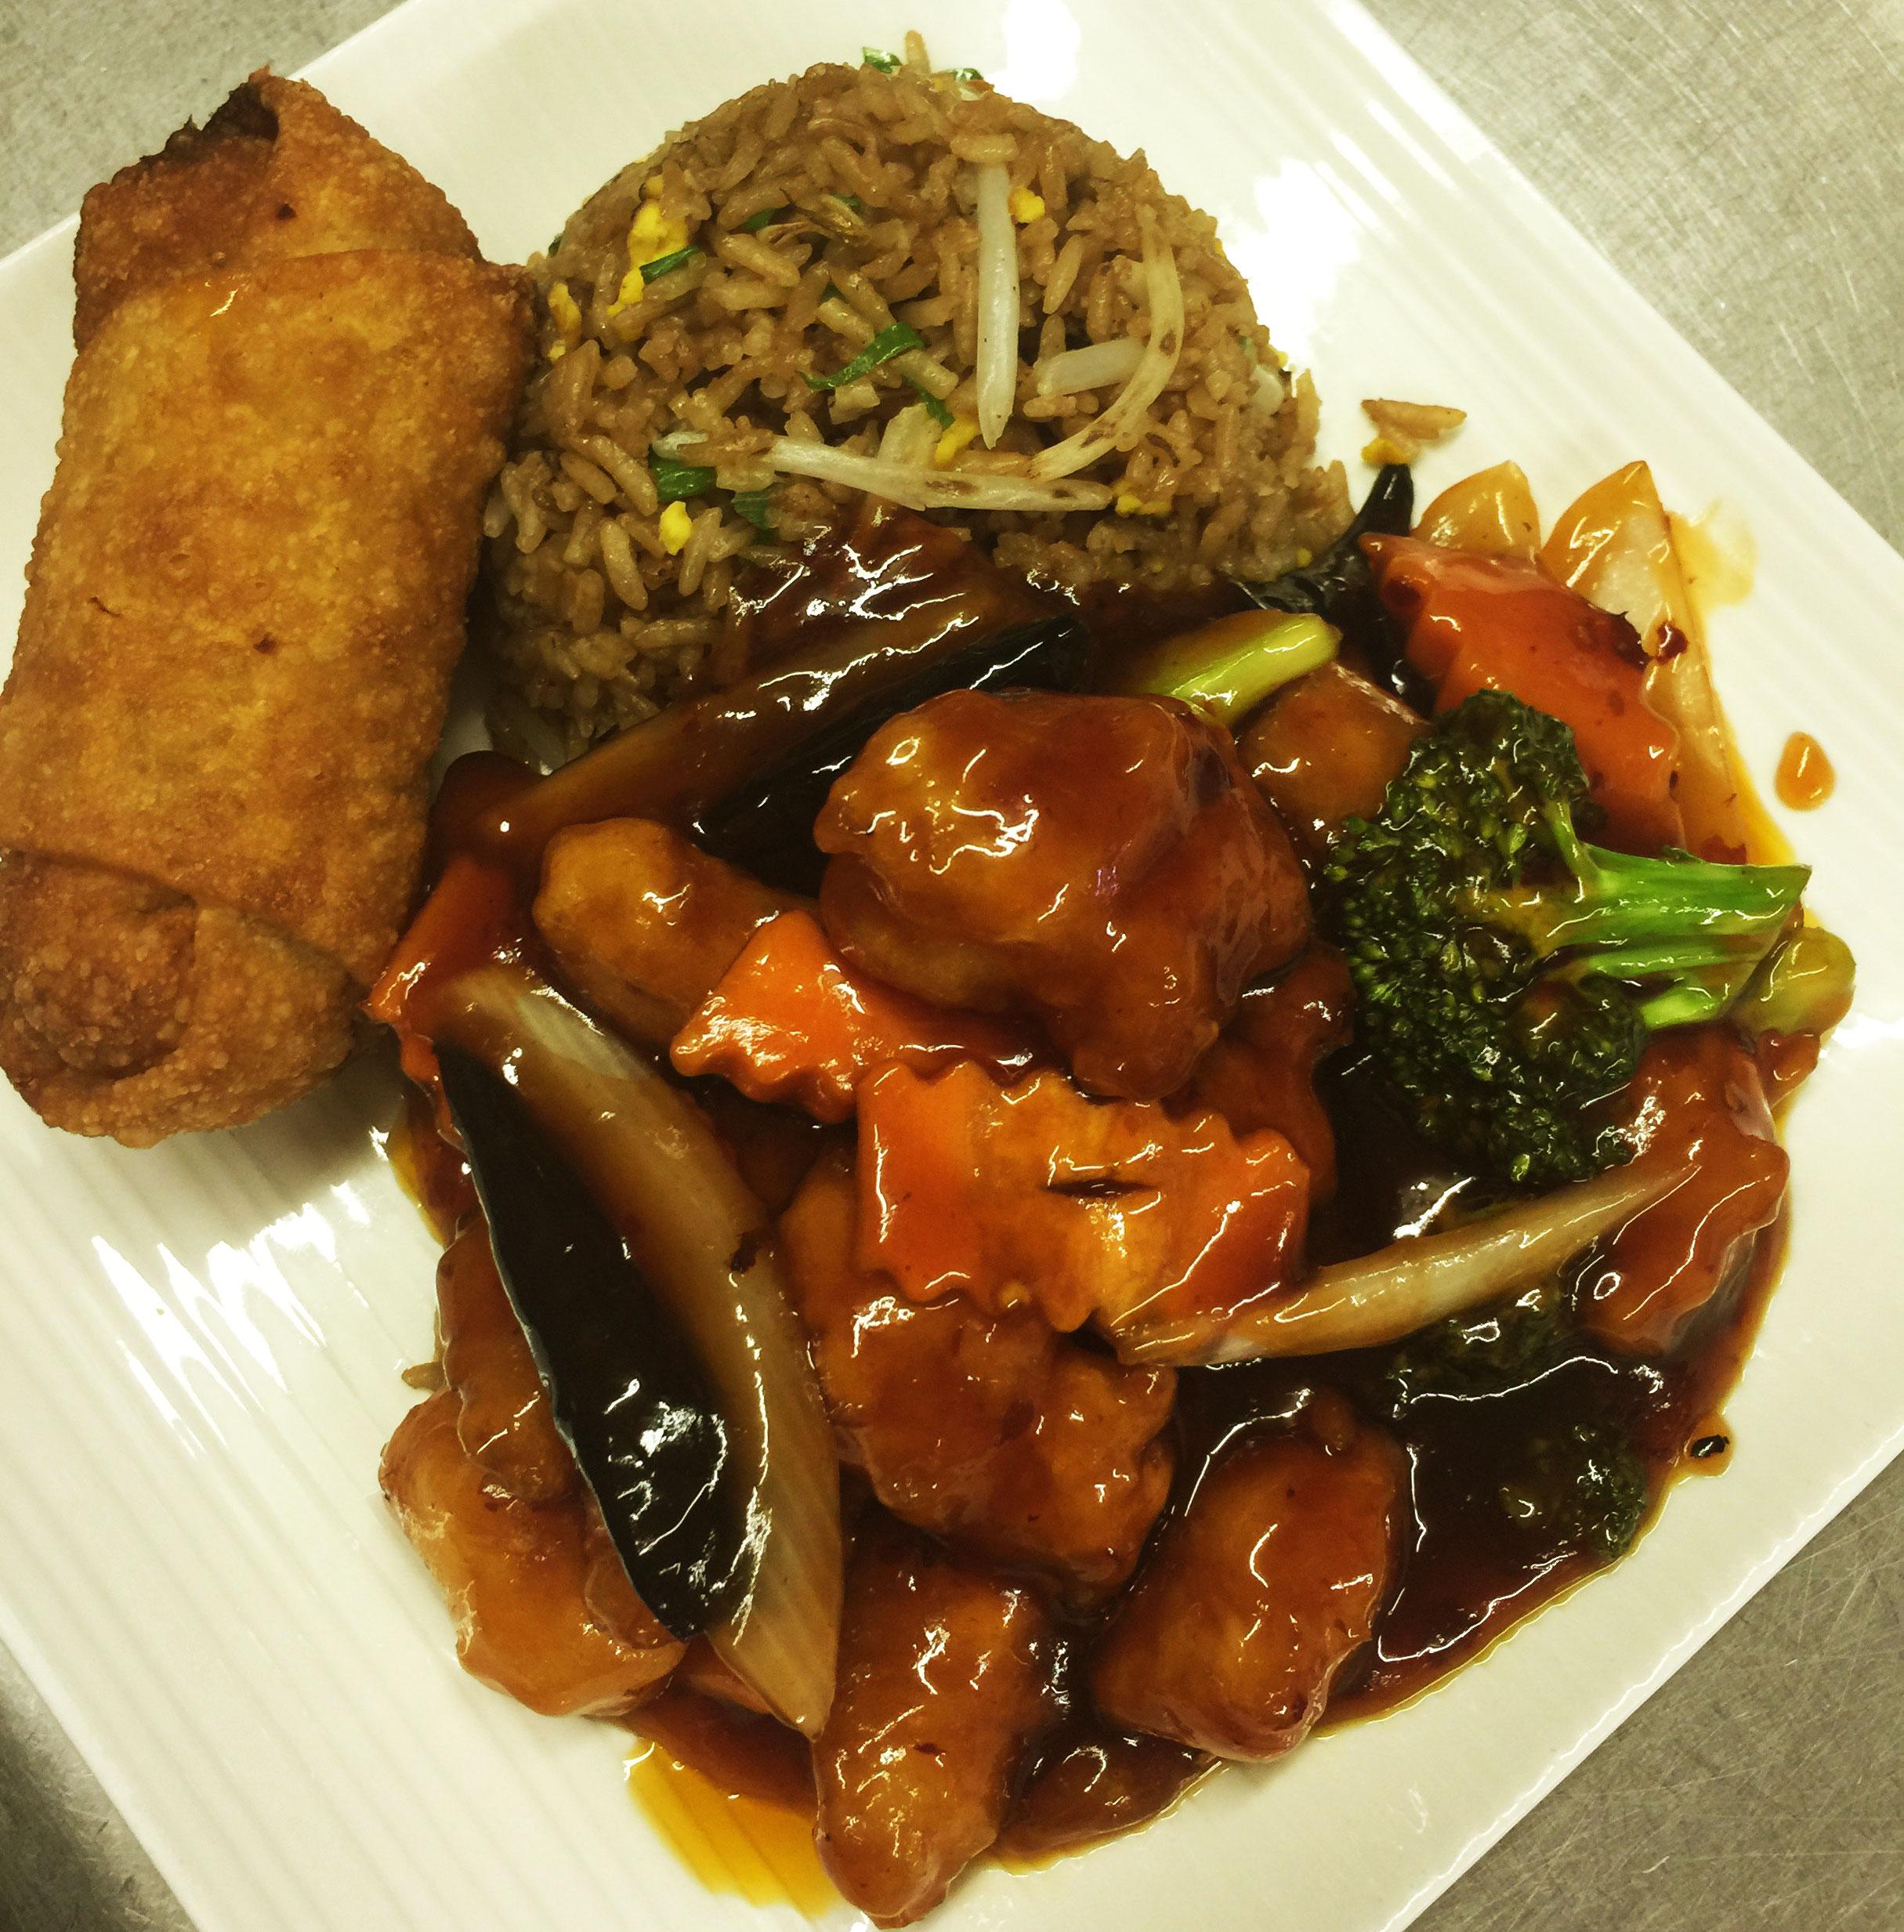 L25. General Tso's Chicken Image